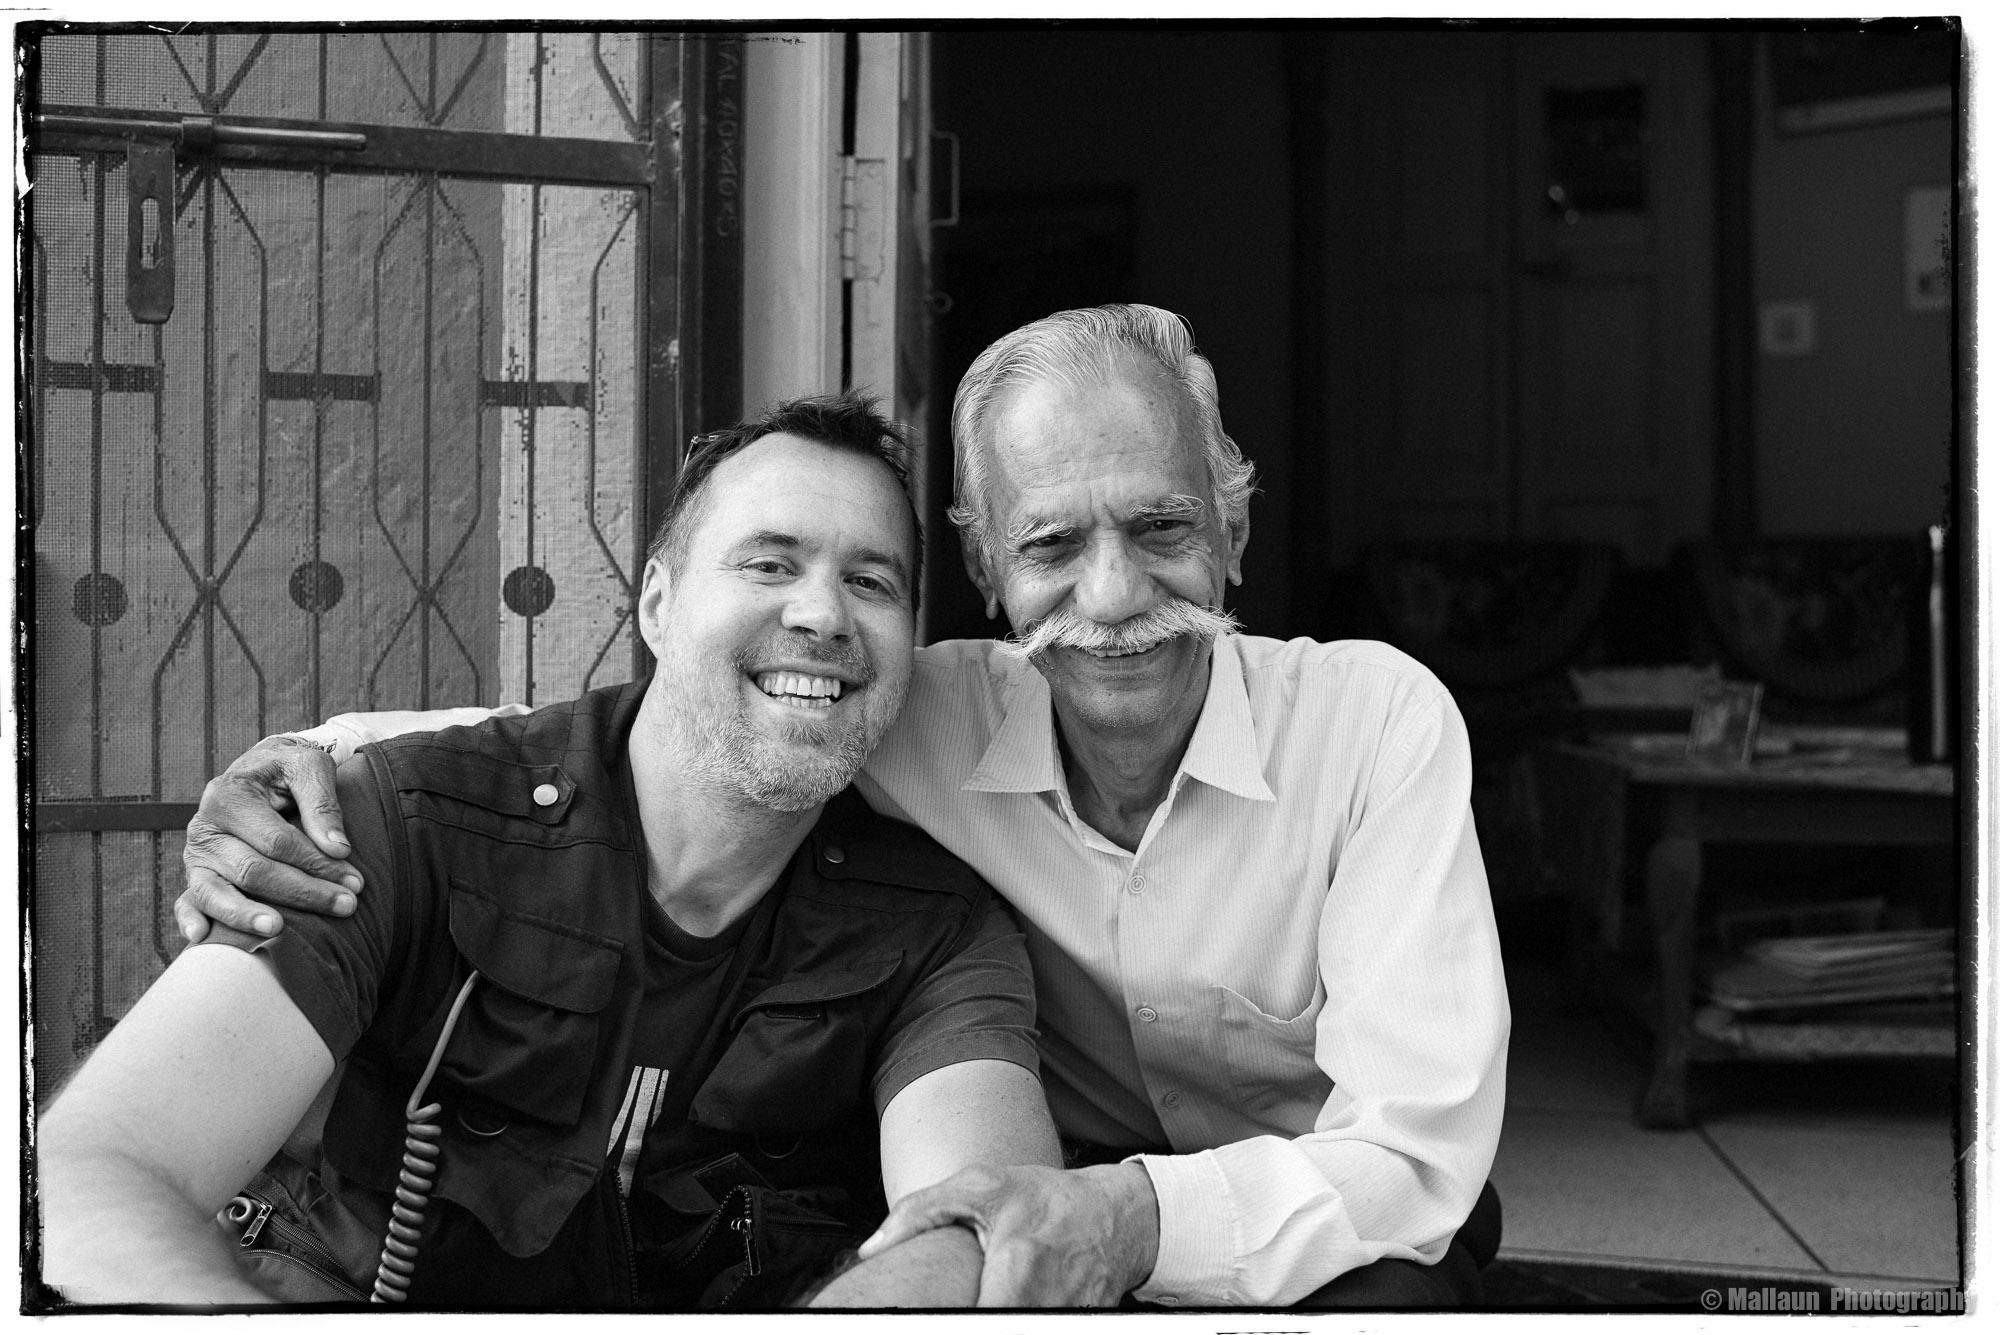 Markus Mallaun und Shivji Joshi @ Mallaun Photography